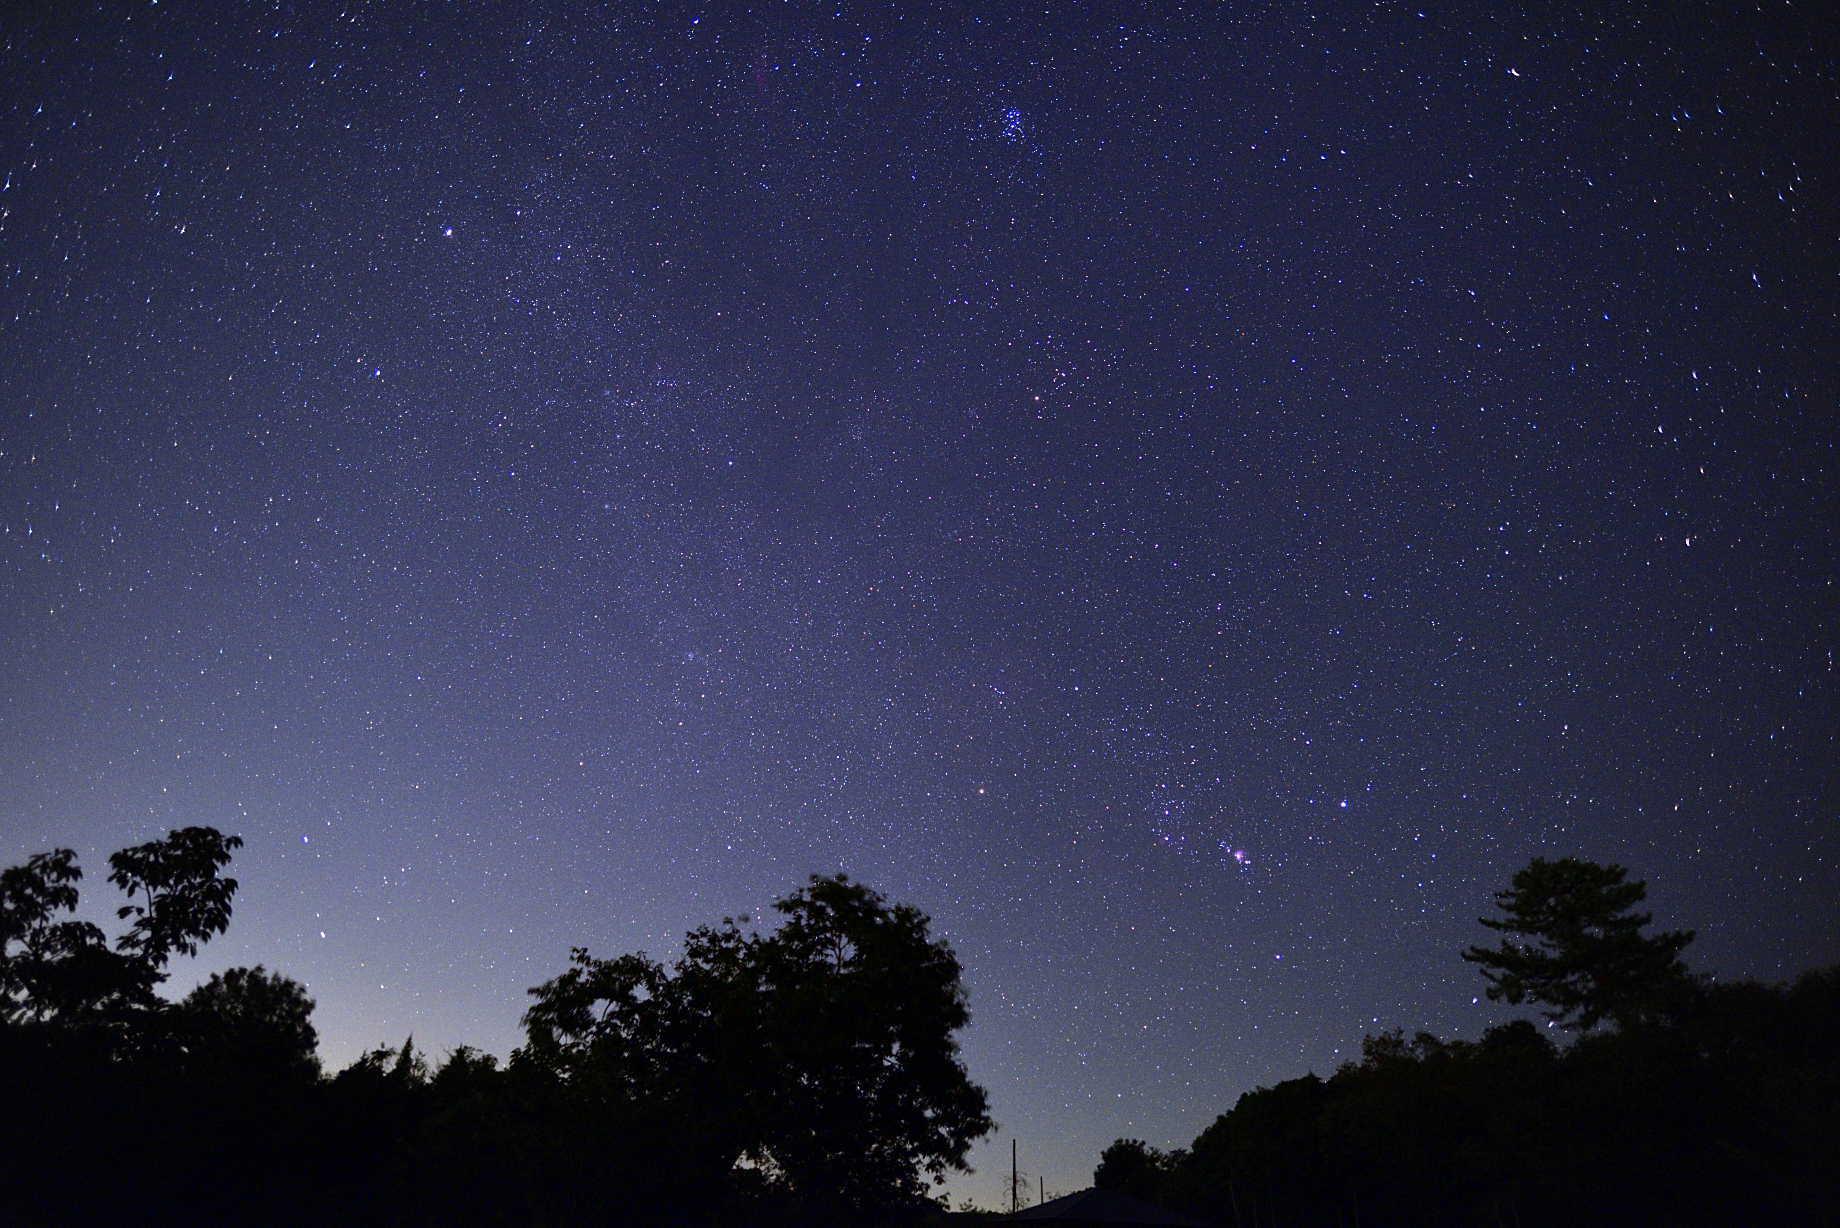 満天の星空を求めてリベンジ①_f0346040_11451138.jpg